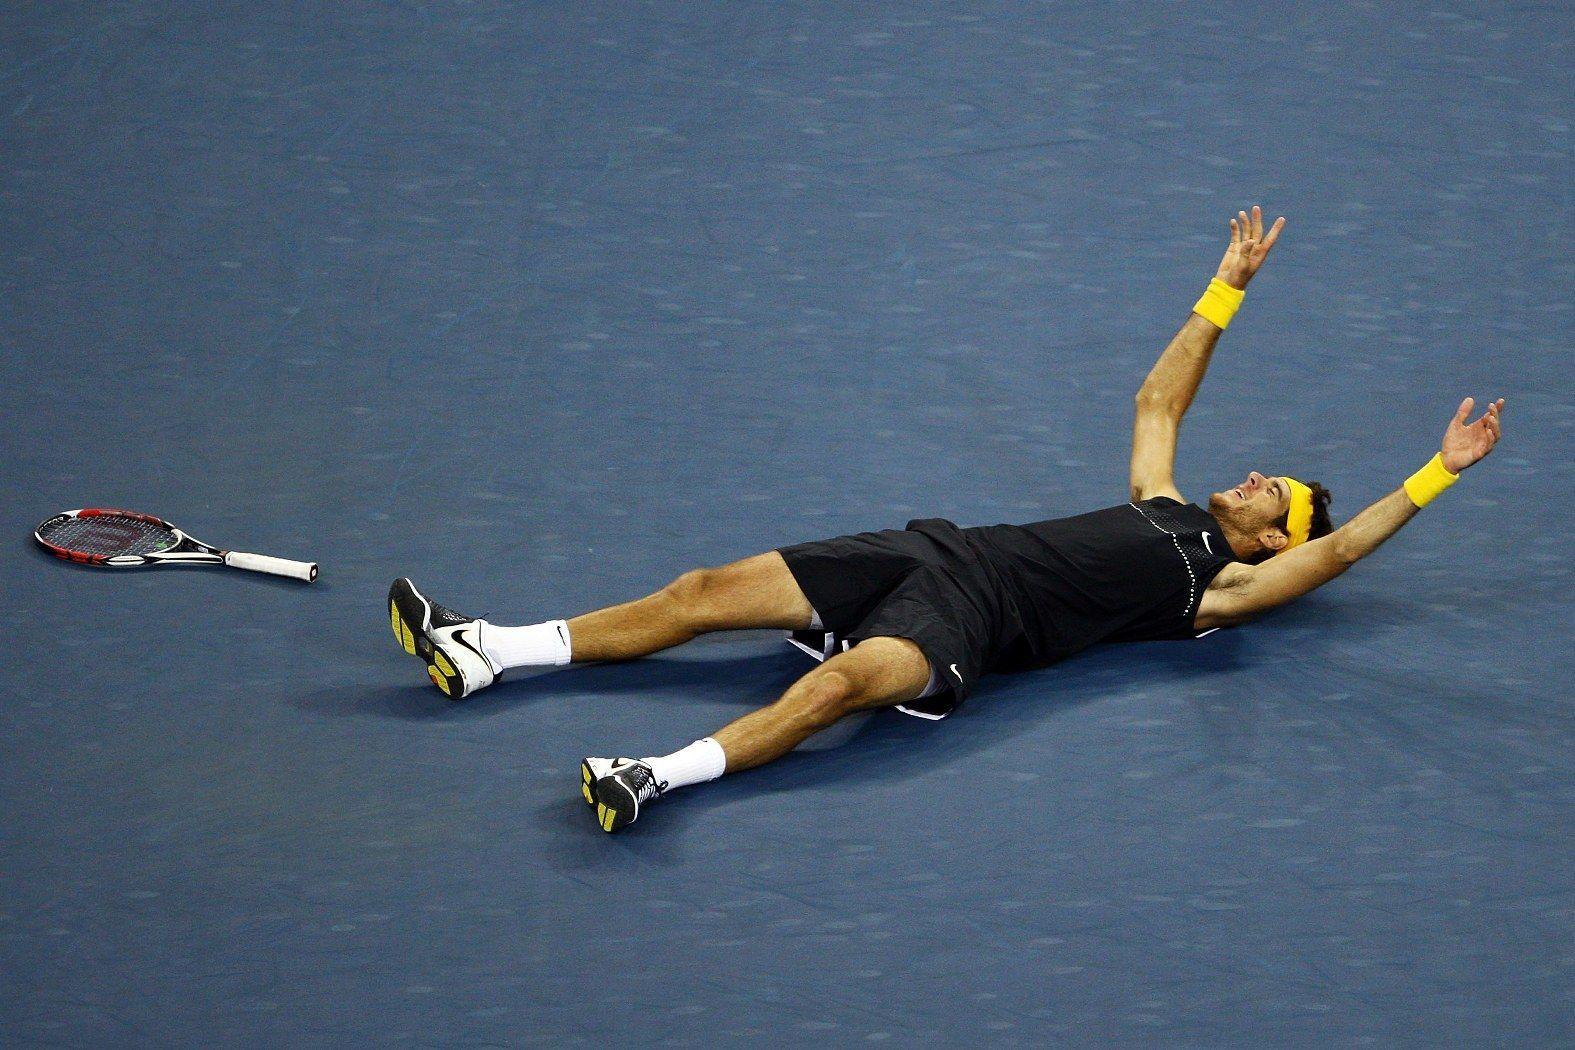 Звездният миг за Хуан Мартин Дел Потро, който шокира Федерер във финала през 2009-а.